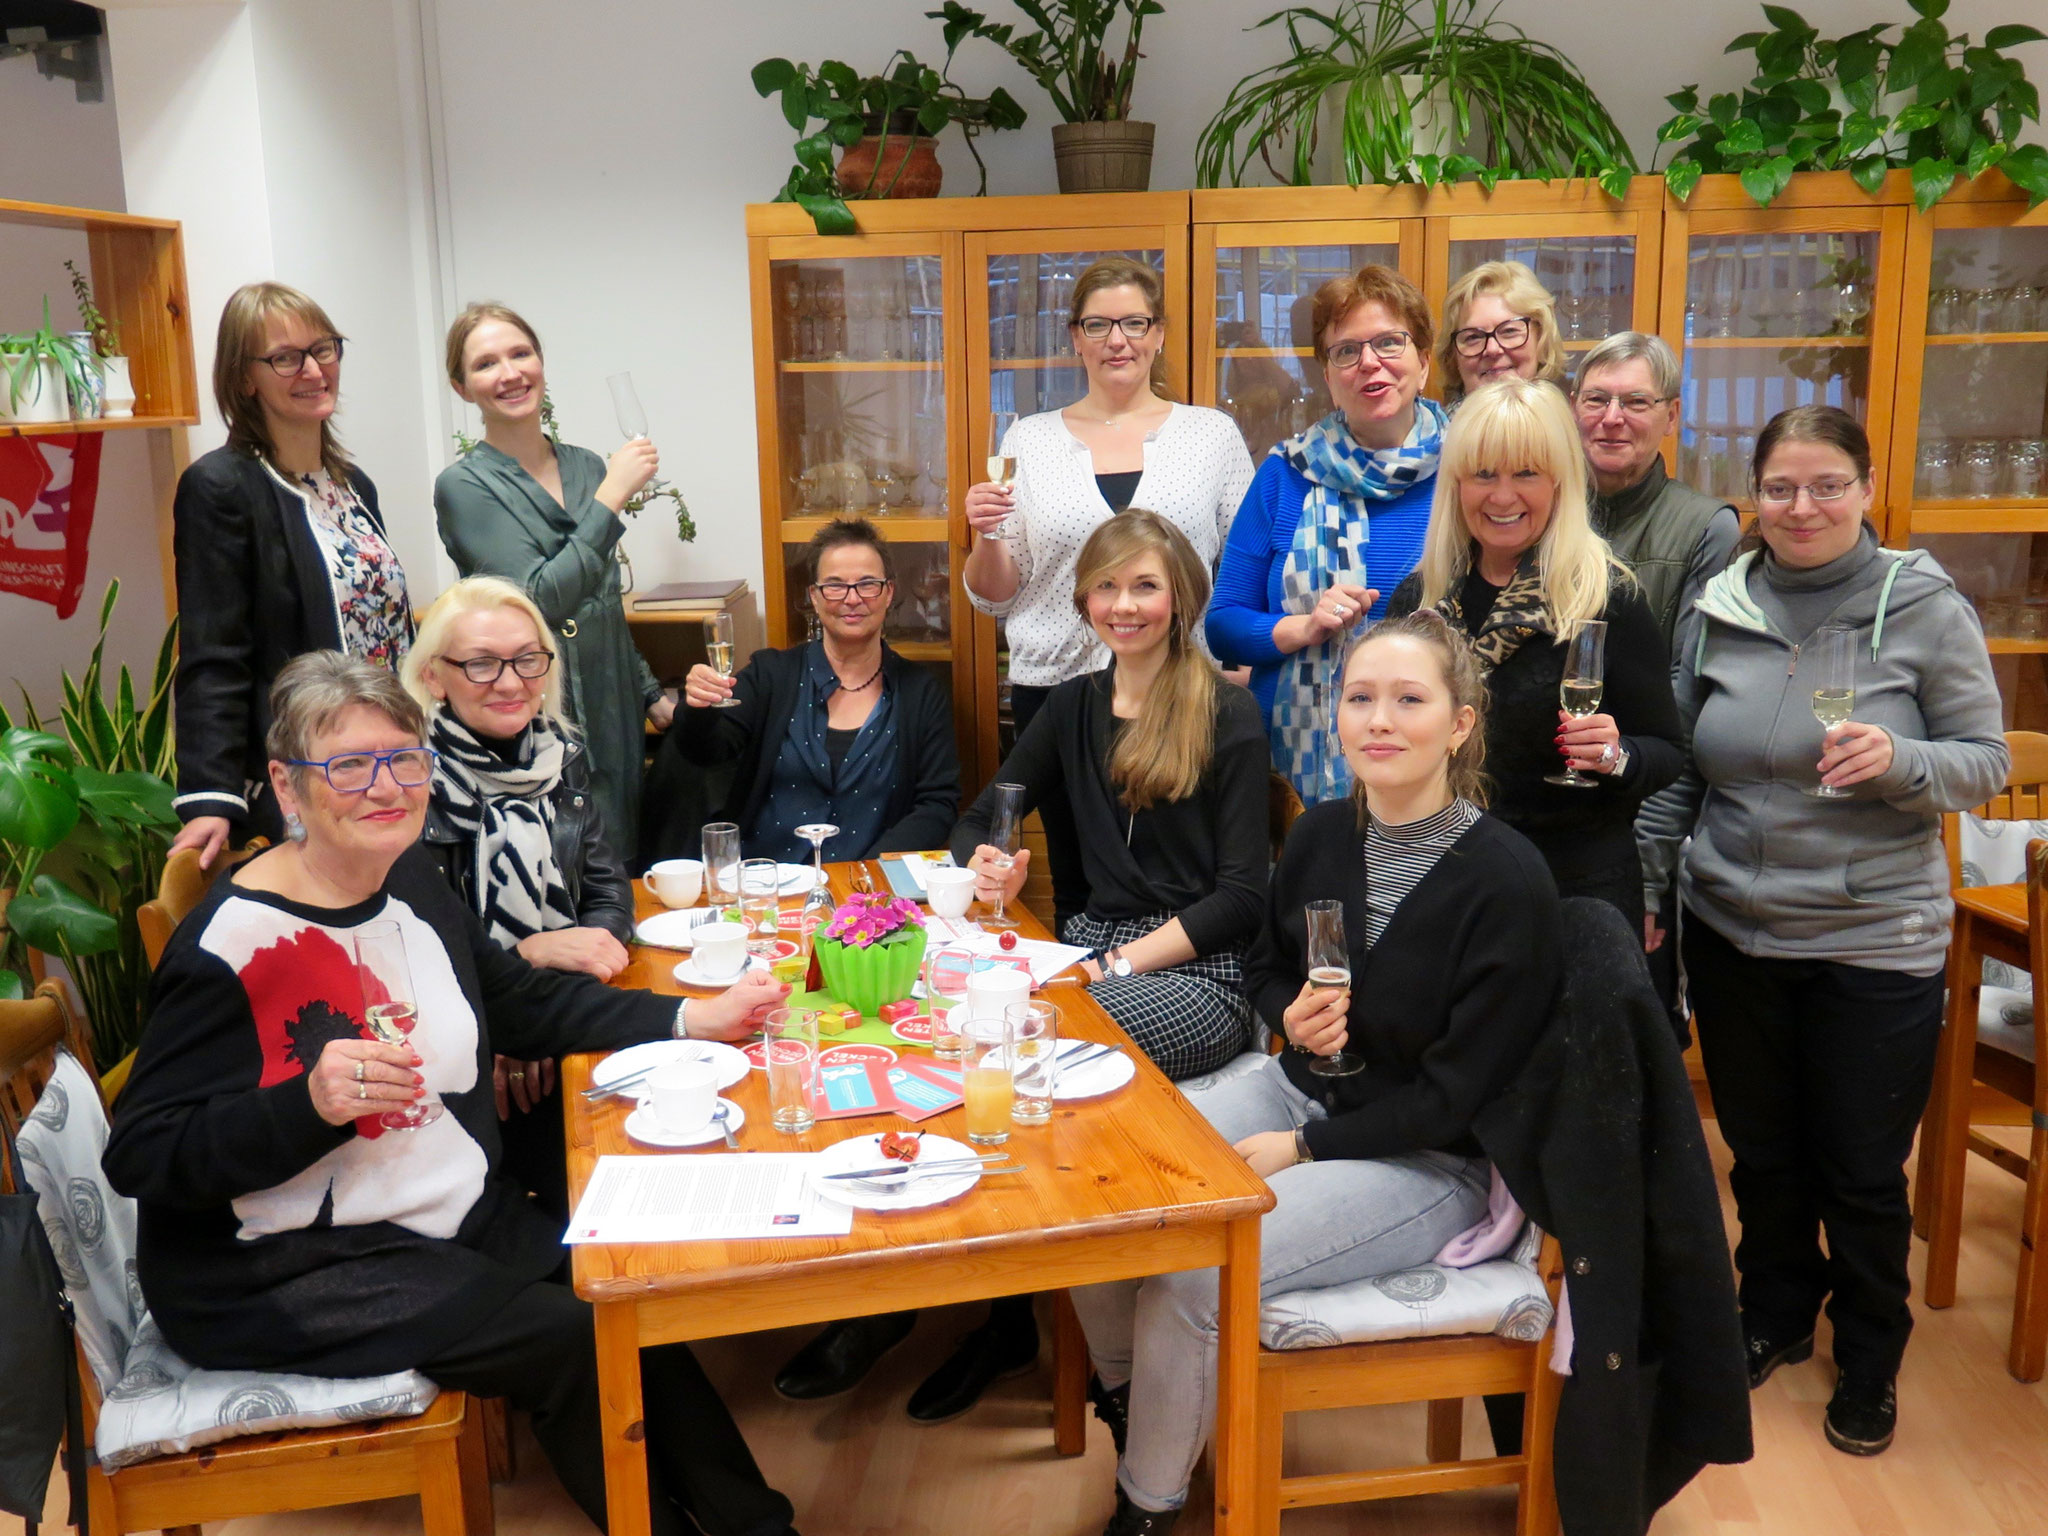 Gestern trafen sich im Frauenzentrum Matilde engagierte Politikerinnen der SPD Marzahn-Hellersdorf zum politischen Frühstück.